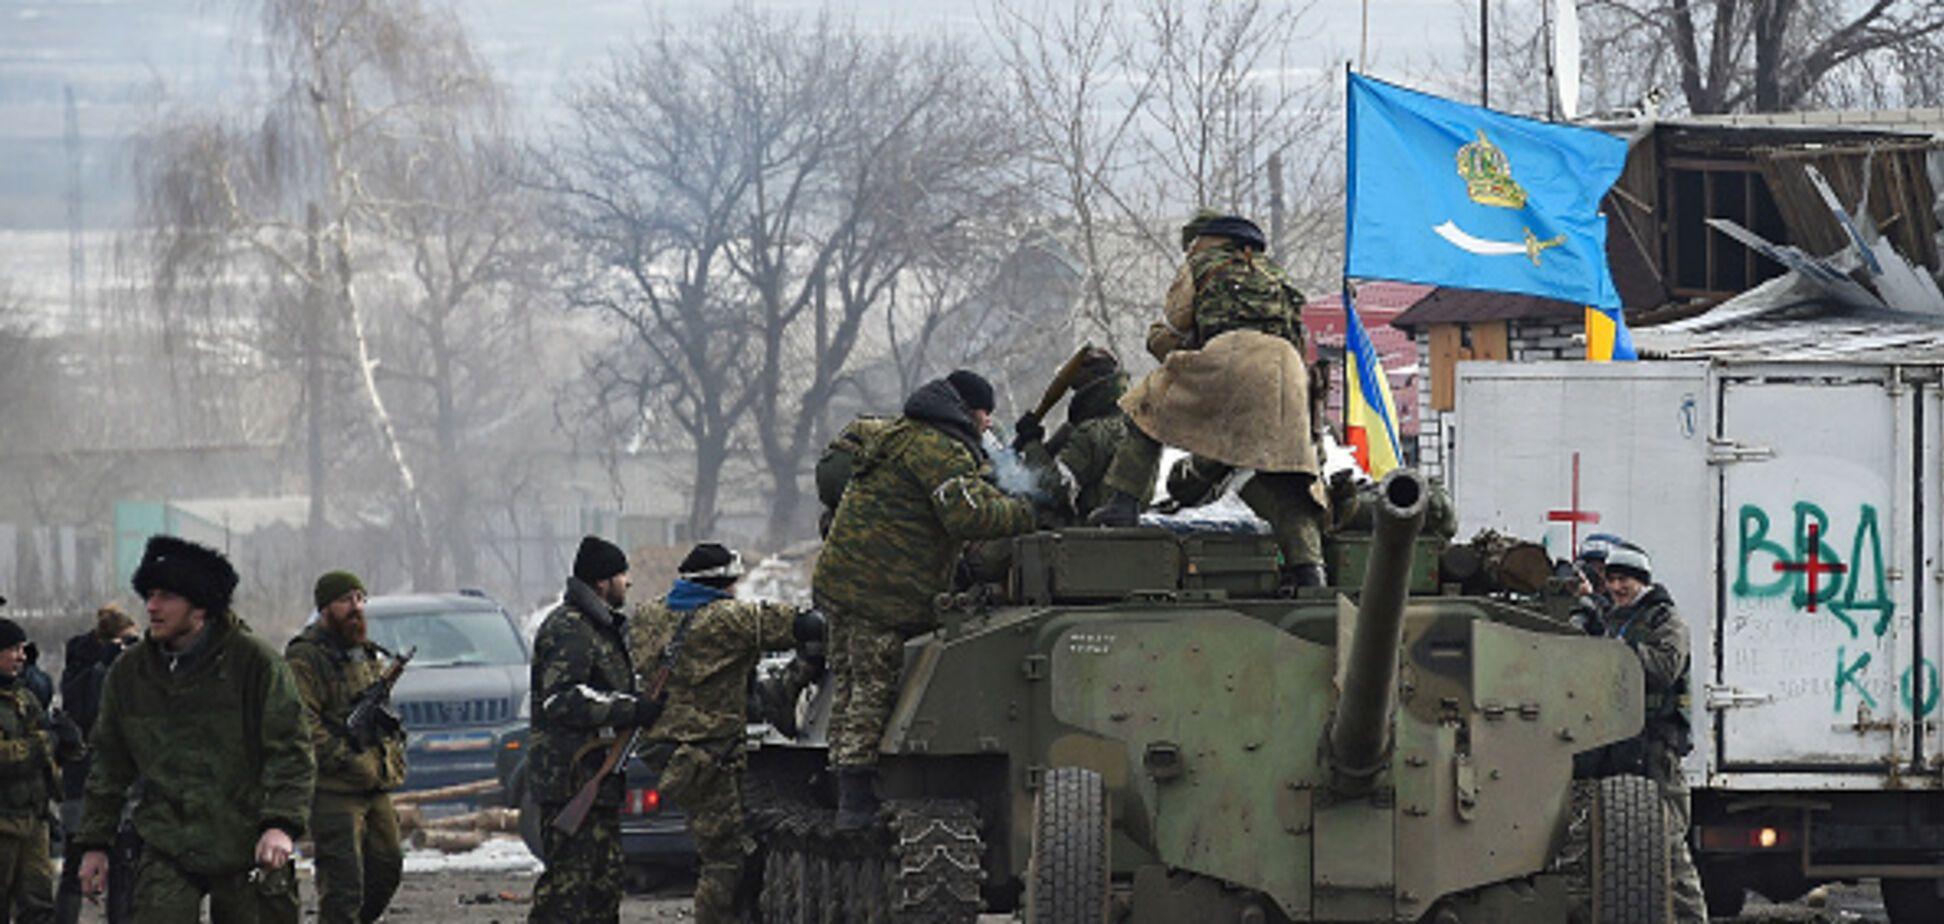 'ДНР' напала на позиції ЗСУ у передмісті Авдіївки: стало відомо про втрату